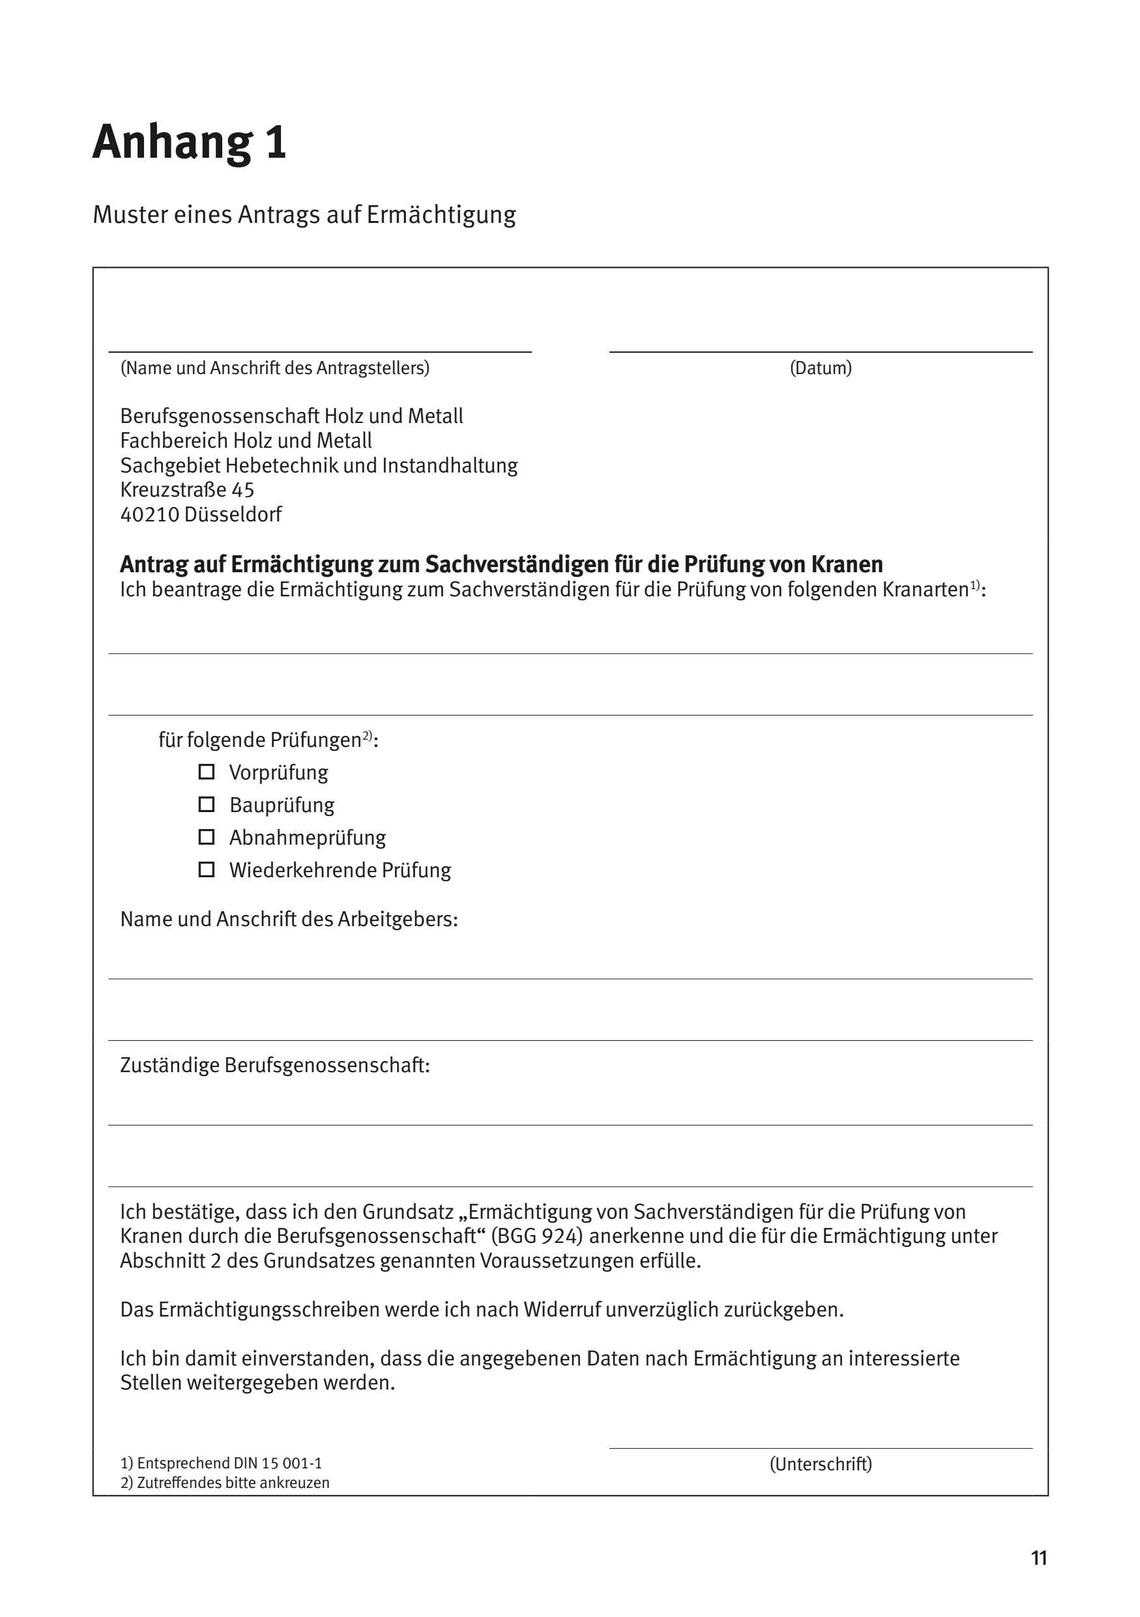 Das Muster enthält Freifelder für die Eintragung des Namens und der Anschrift sowie Unterschrift des Atragstellers, die Kranarten, für die eine Ermächtigung erfolgen soll, die Art der Prüfung für die eine Ermächtigung erfolgen soll (Vorprüfung, Bauprüfung, Abnahmeprüfung, wiederkehrende Prüdung), den Namen und die Anschrift des Arbeitgebers und die zuständige Berufsgenossenschaft.